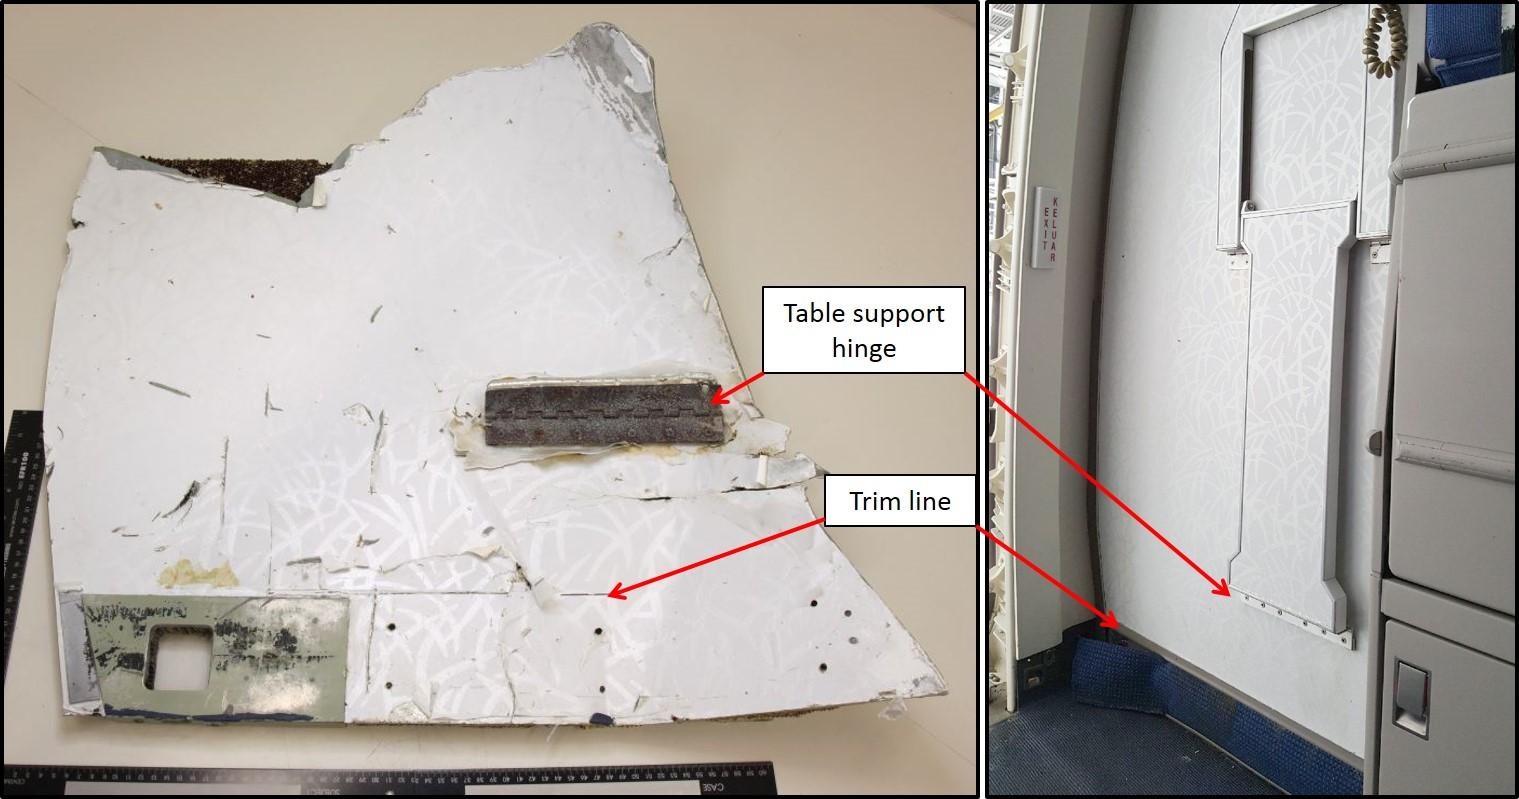 飞机残骸来自mh370